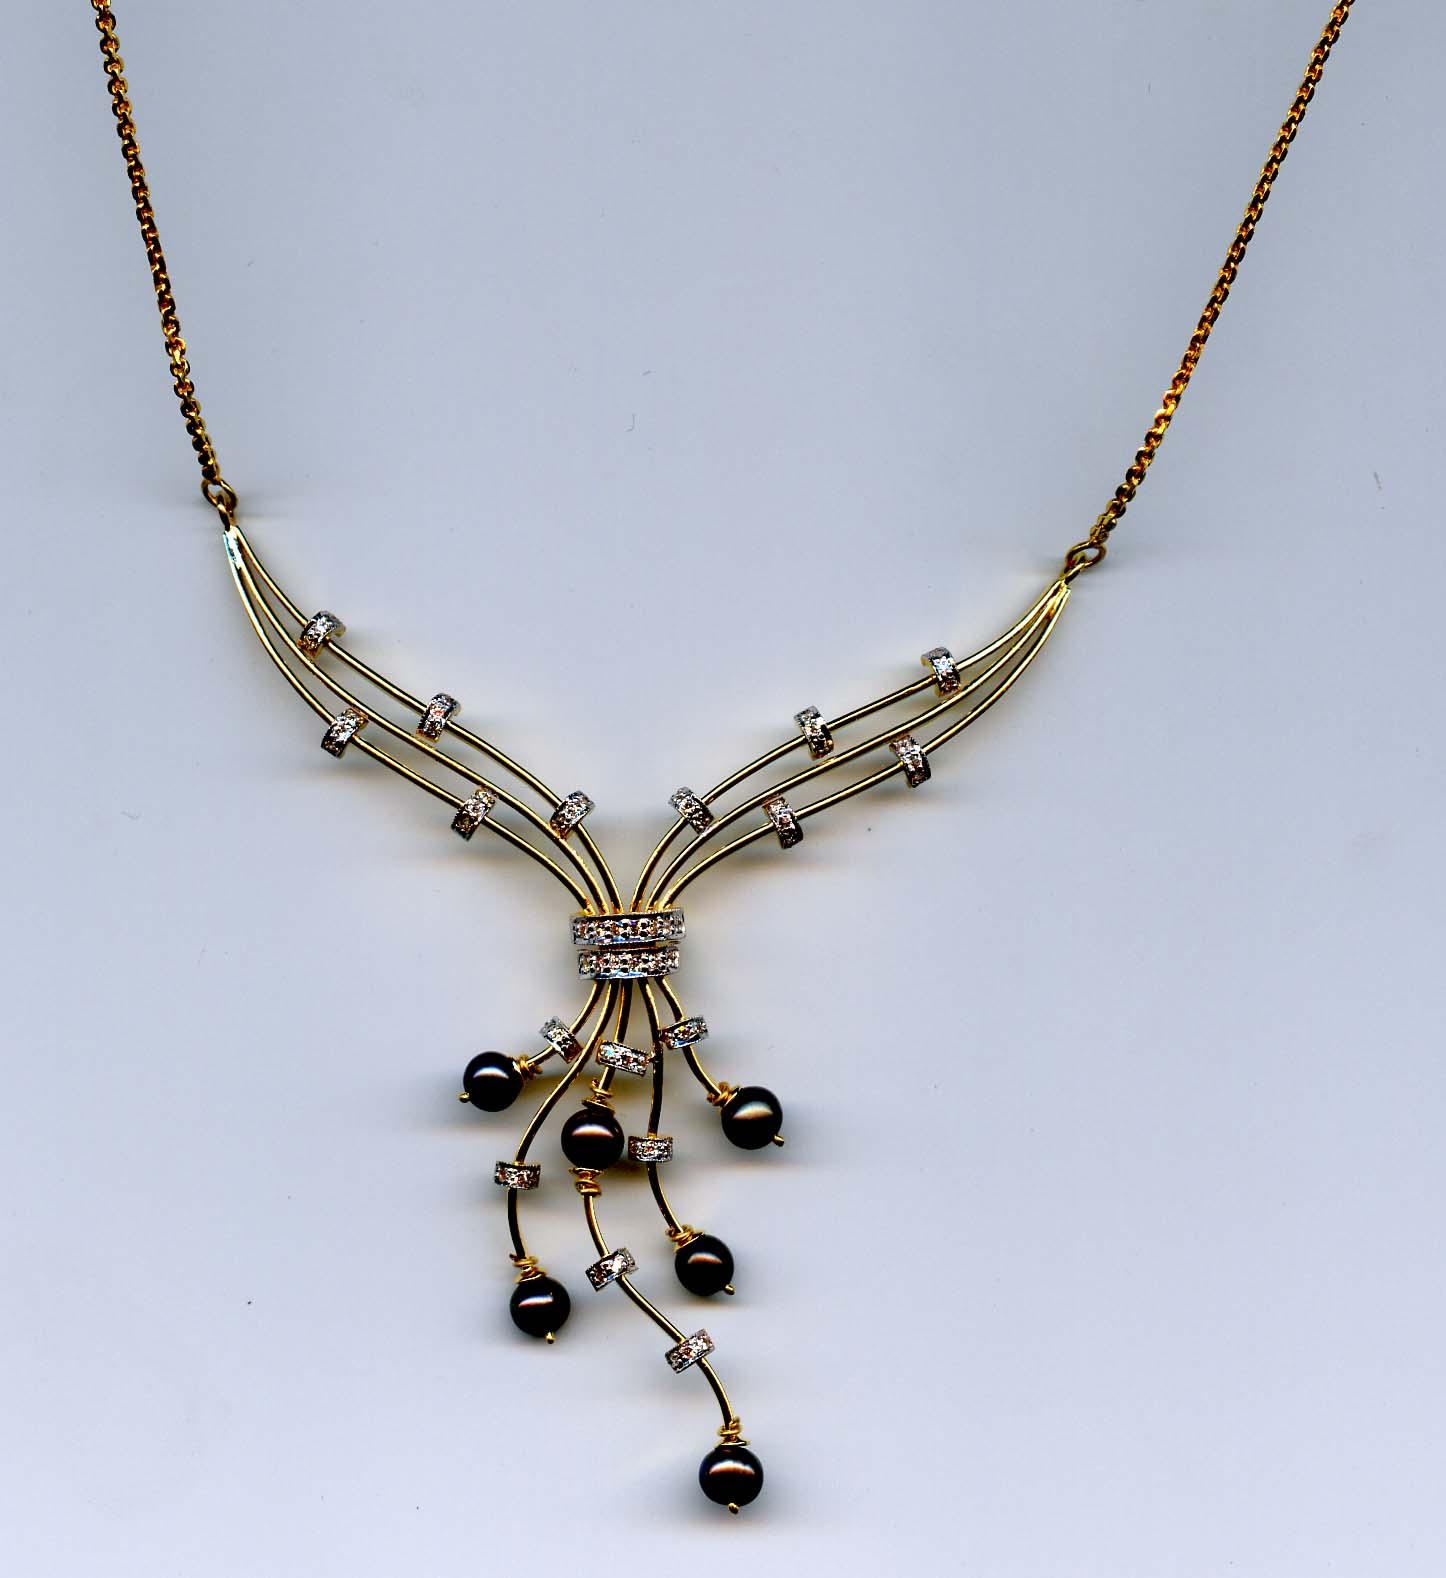 Golden Jewelaries For Life Sri Lanka Gold Jewelry Designs. Asscher Cut Emerald. Beryl Quartz Emerald. Real Emerald. 3.5 Carat Emerald. True Emerald. Moissanite Emerald. Alibaba Emerald. Pakistan Emerald